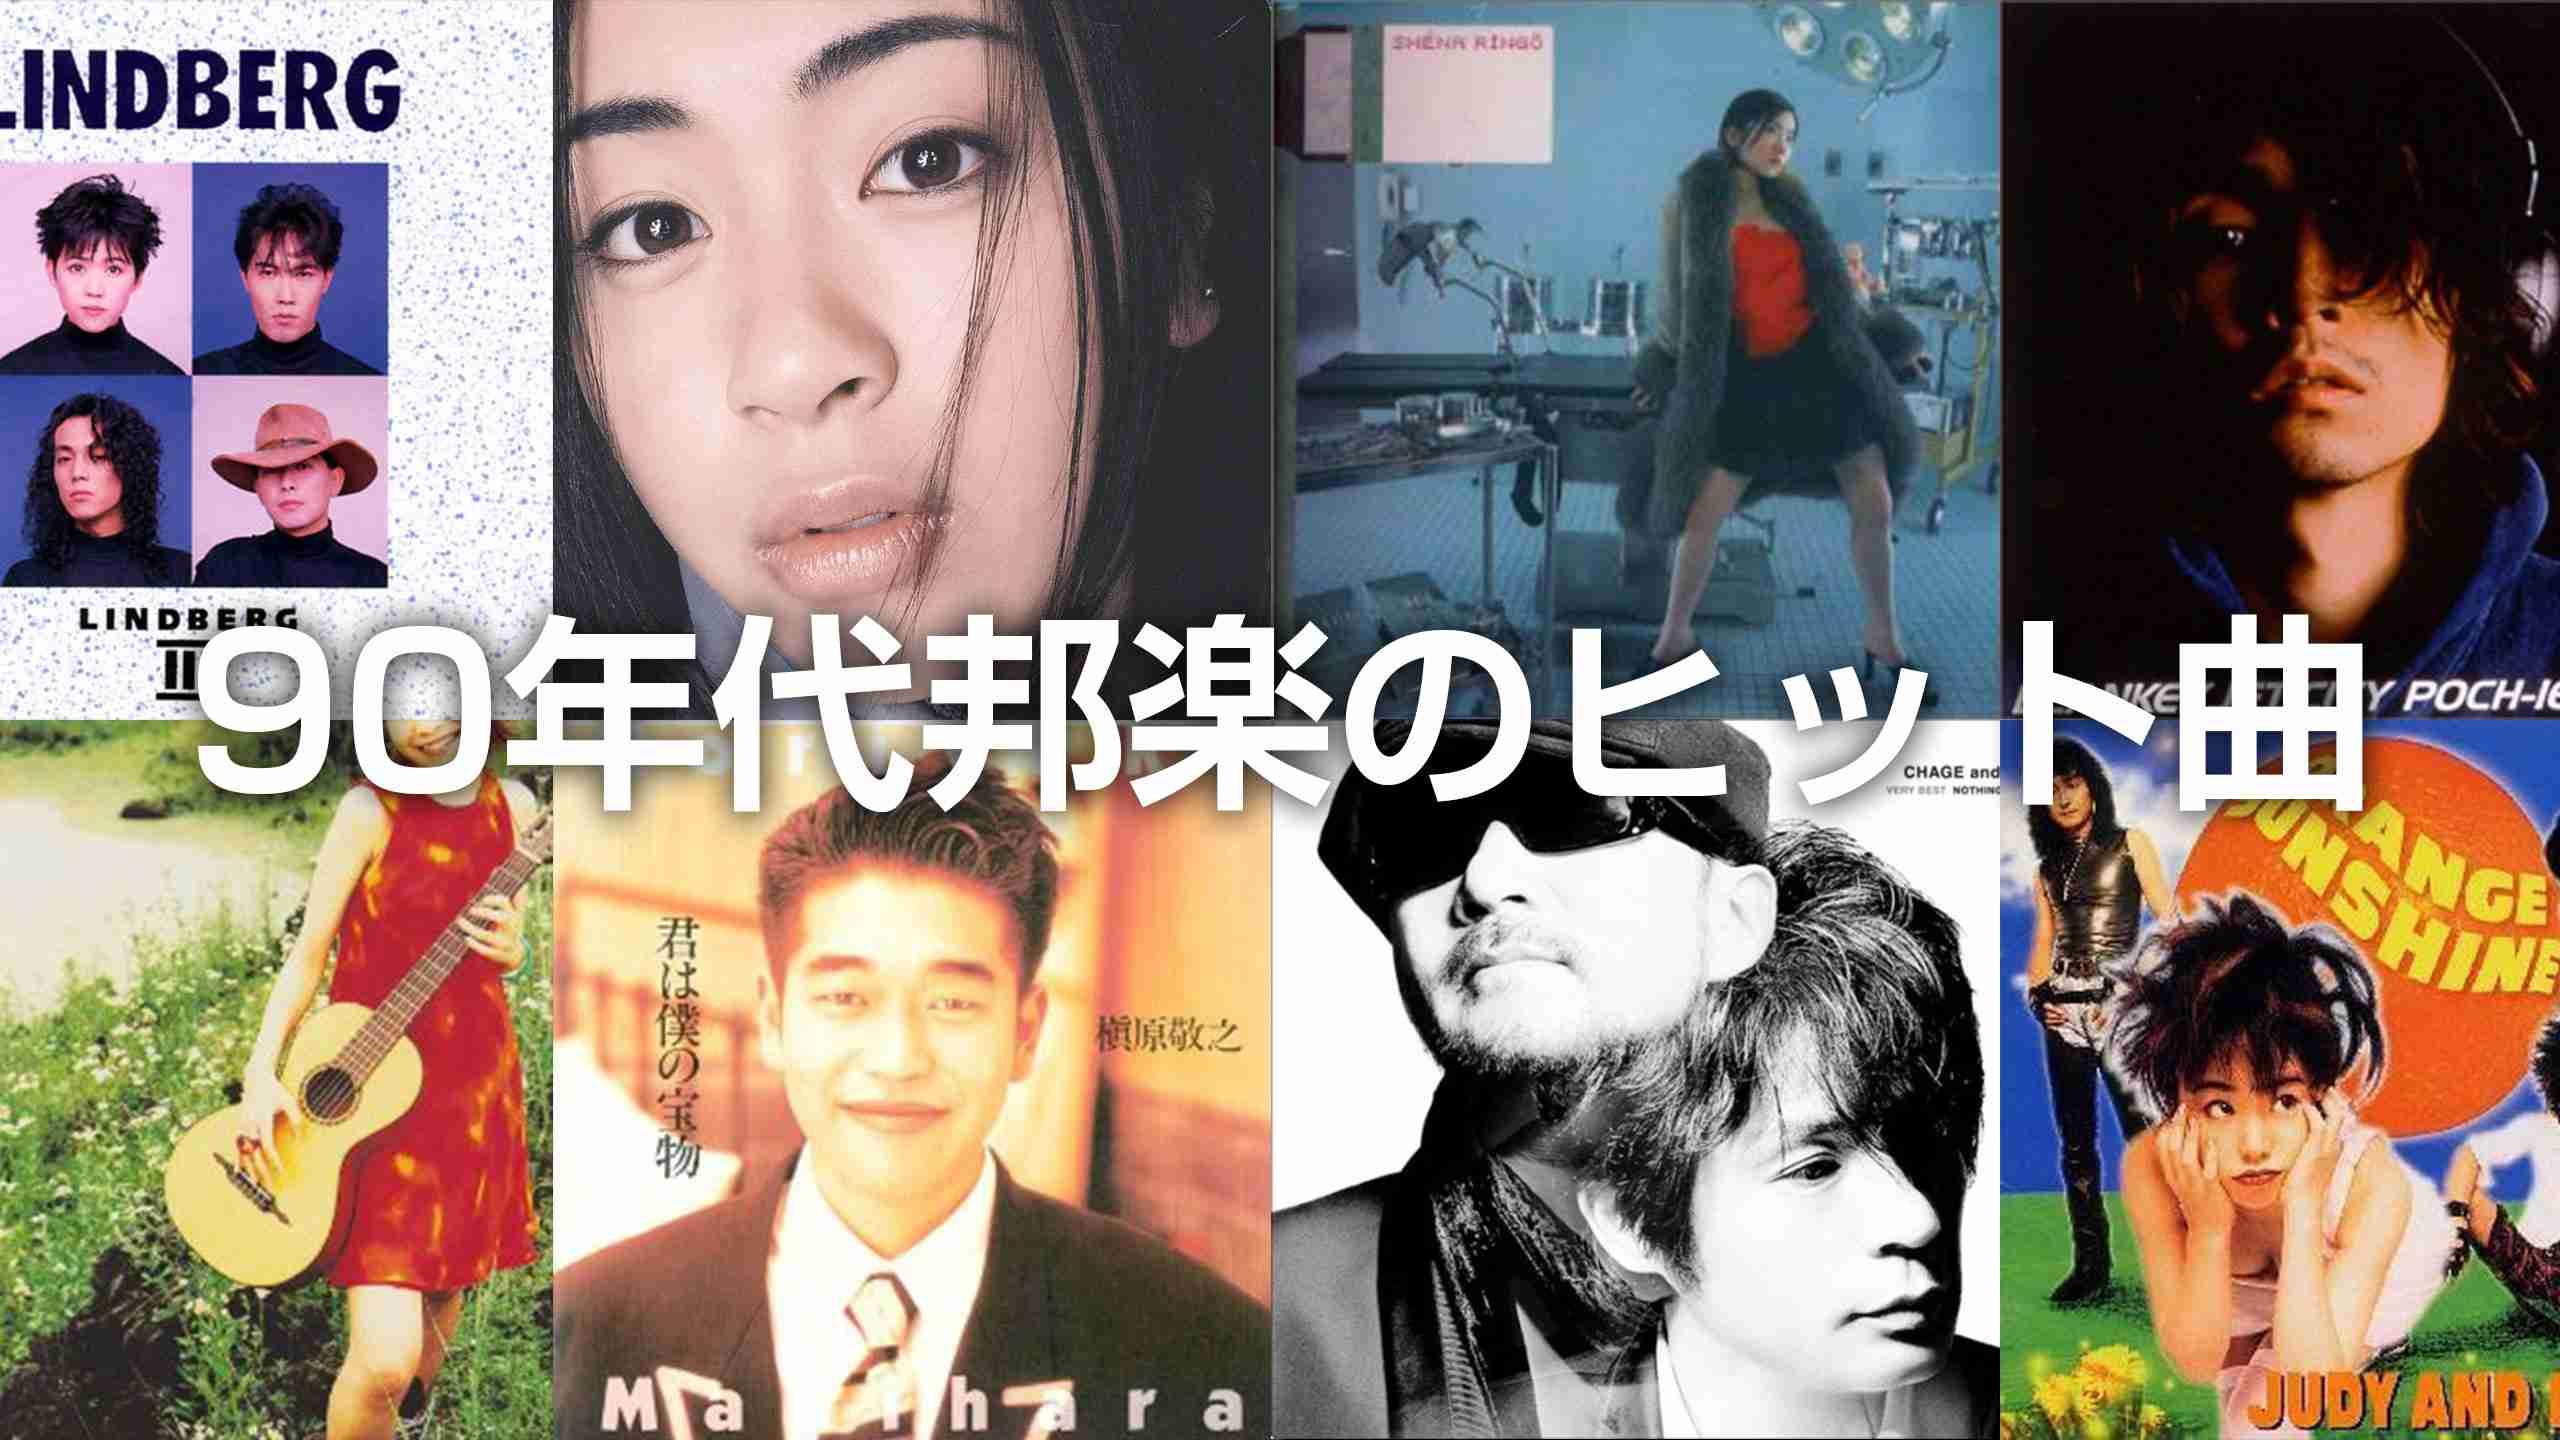 日本の音楽業界の